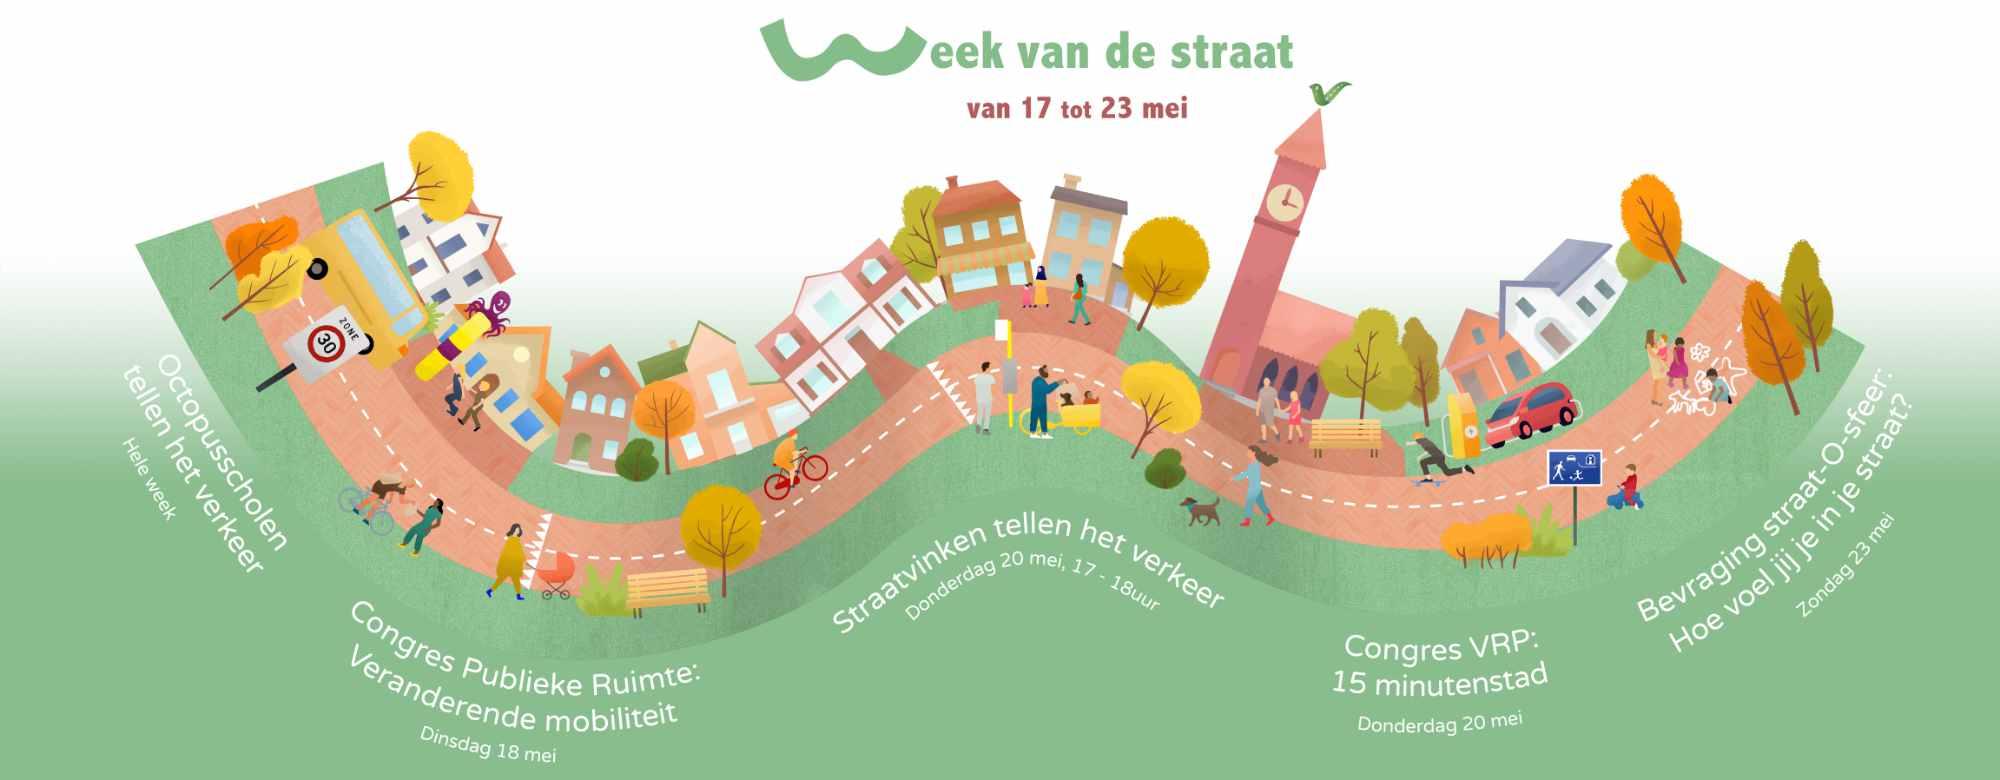 Week van de Straat